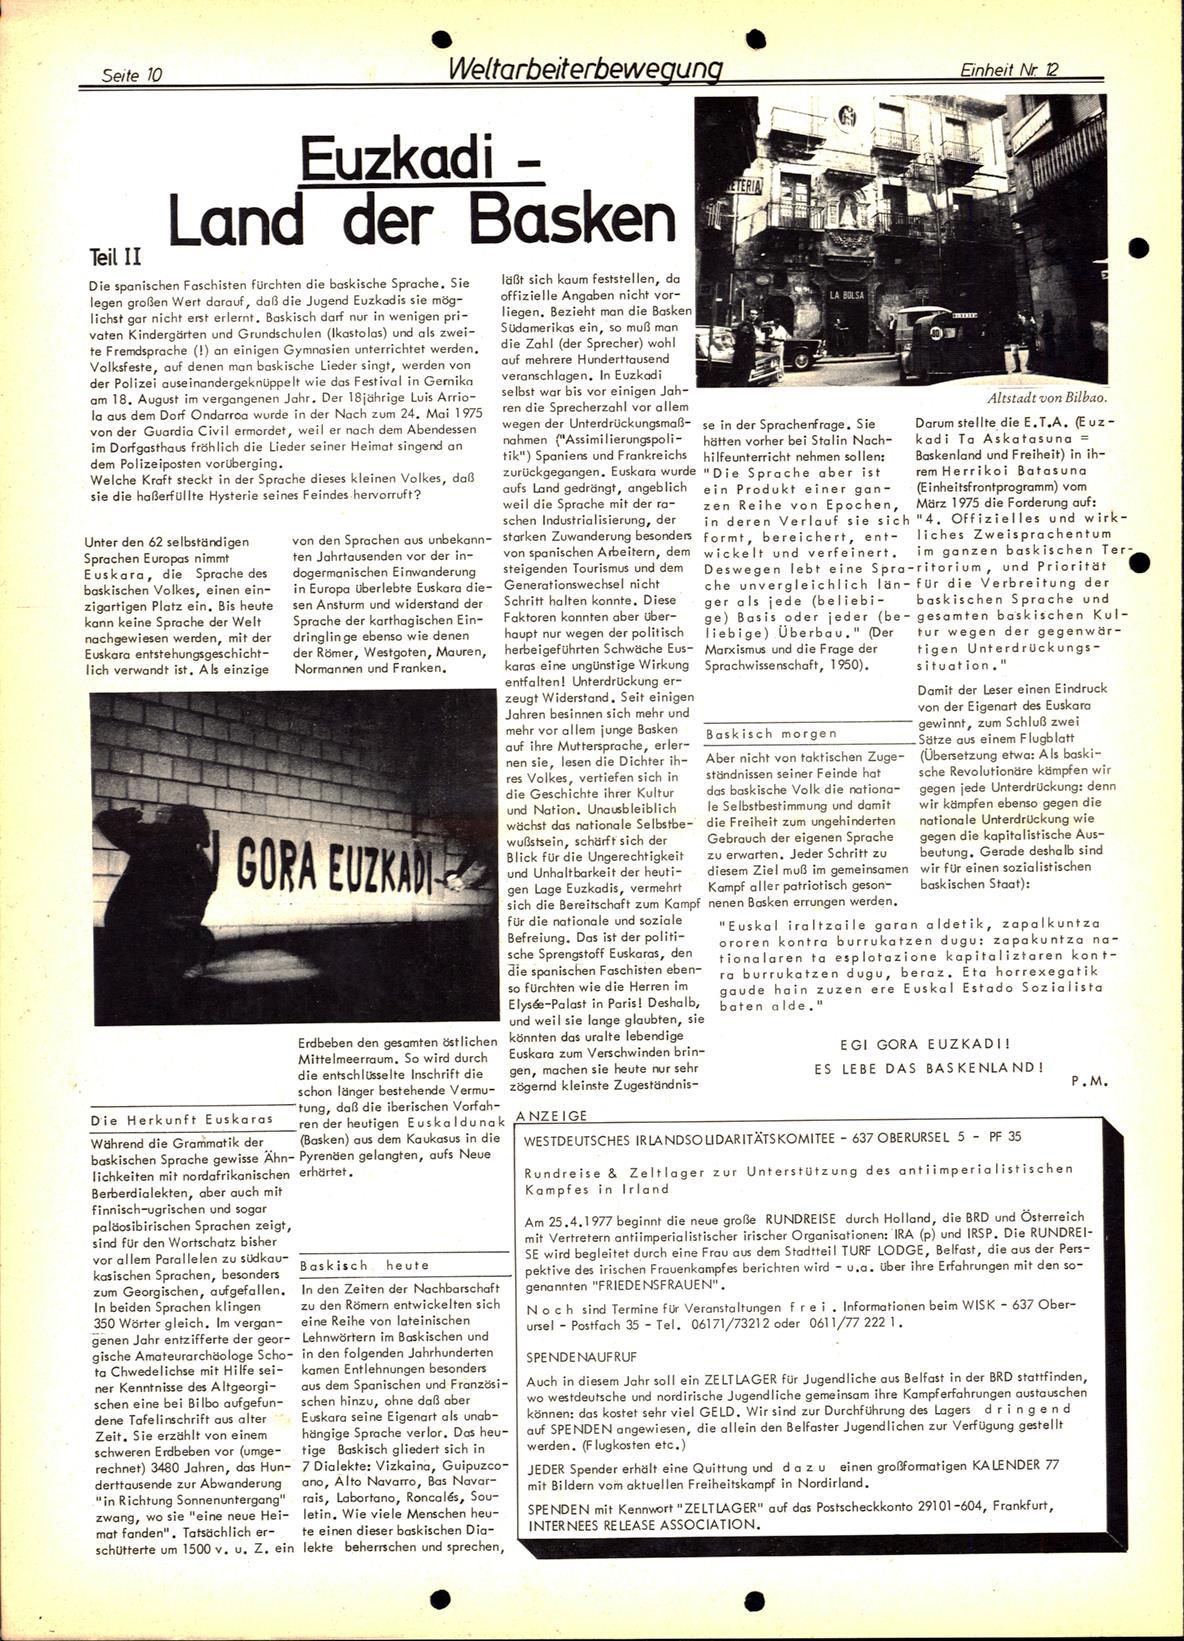 Koeln_IPdA_Einheit_1977_012_010